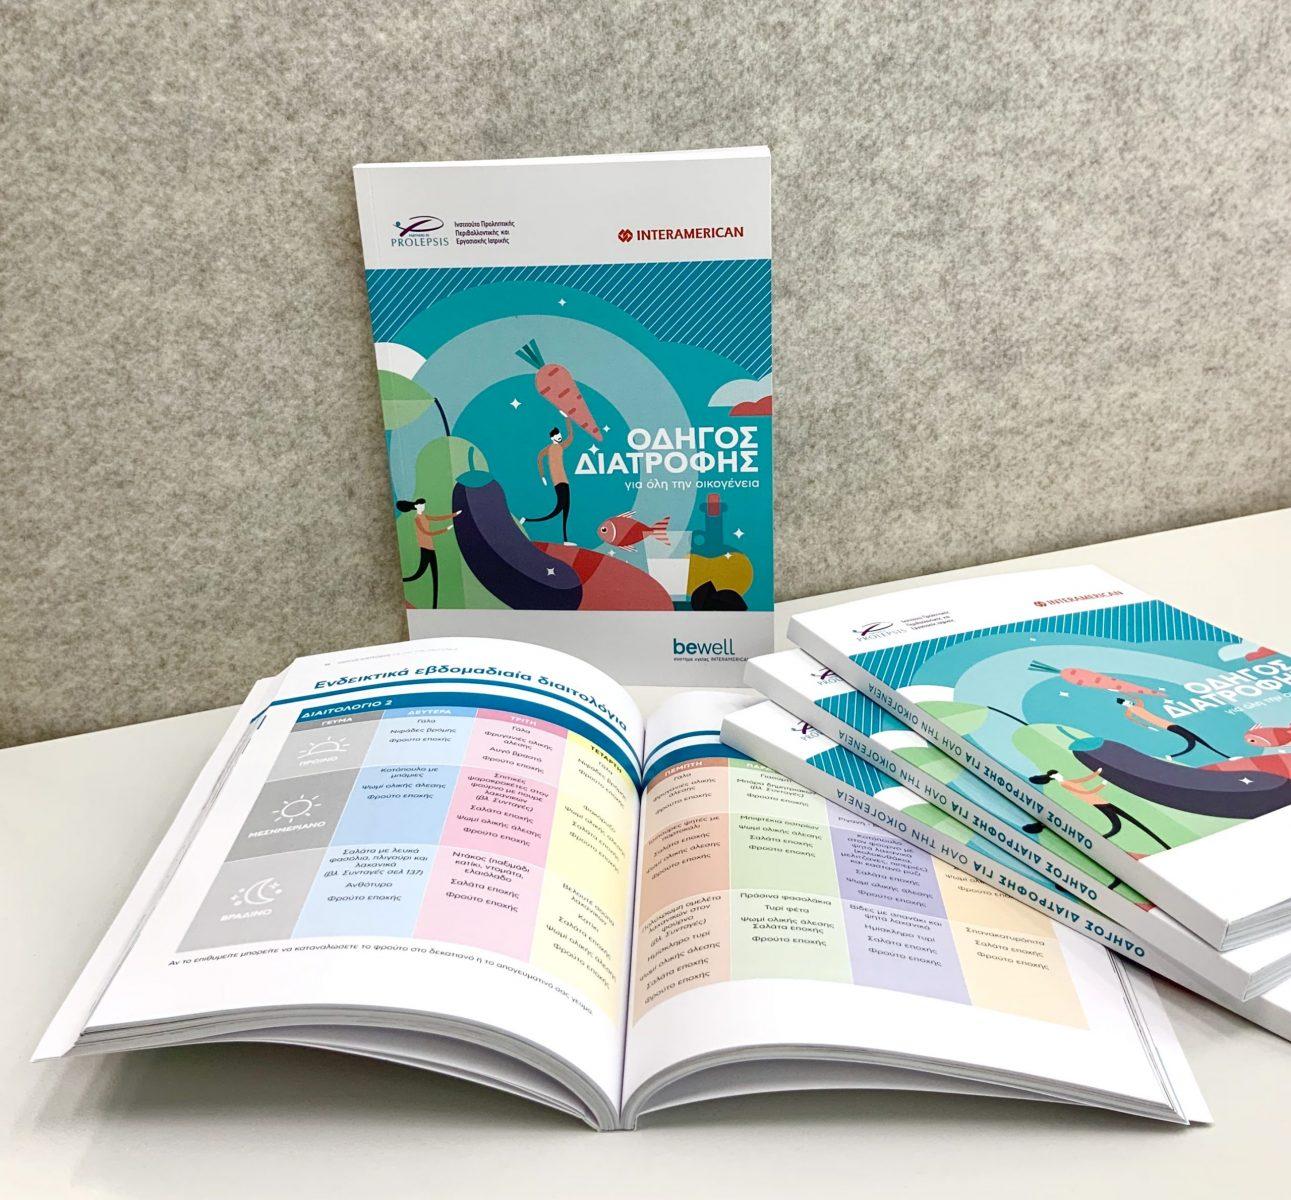 Interamerican και Ινστιτούτο PROLEPSIS: Παρέχουν διατροφικές οικογενειακές συμβουλές δωρεάν